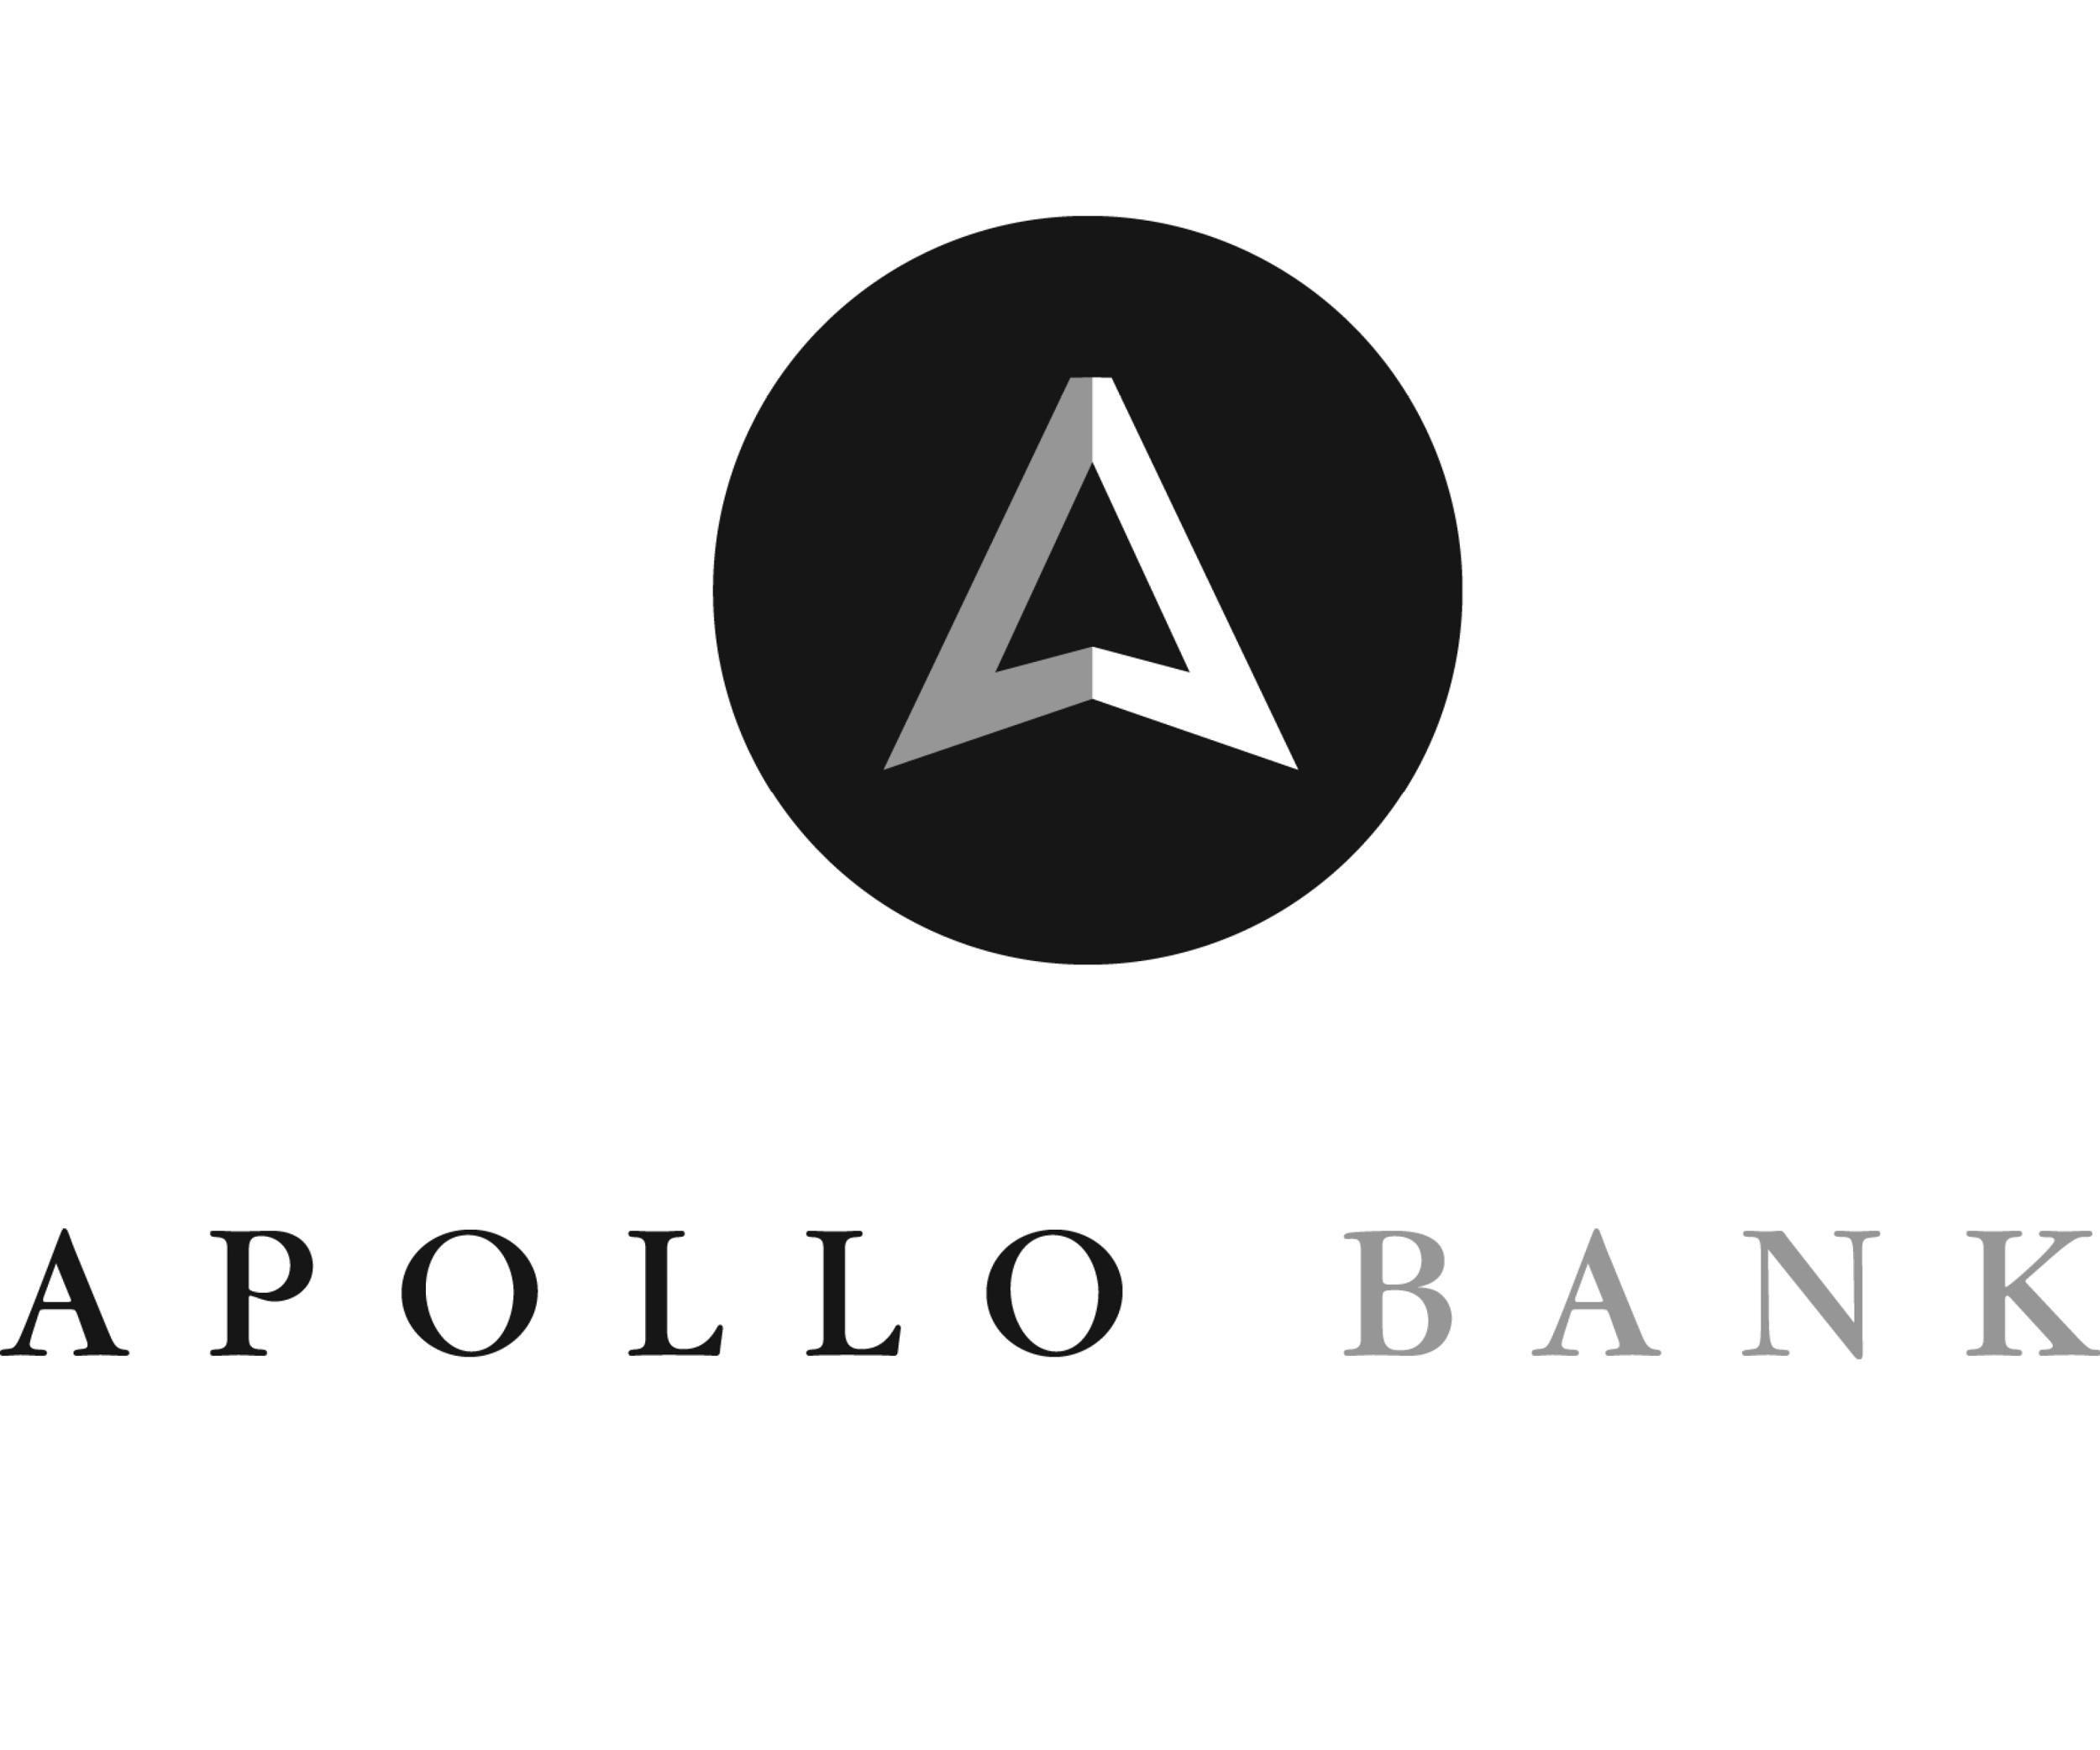 Apollo Bank.jpg